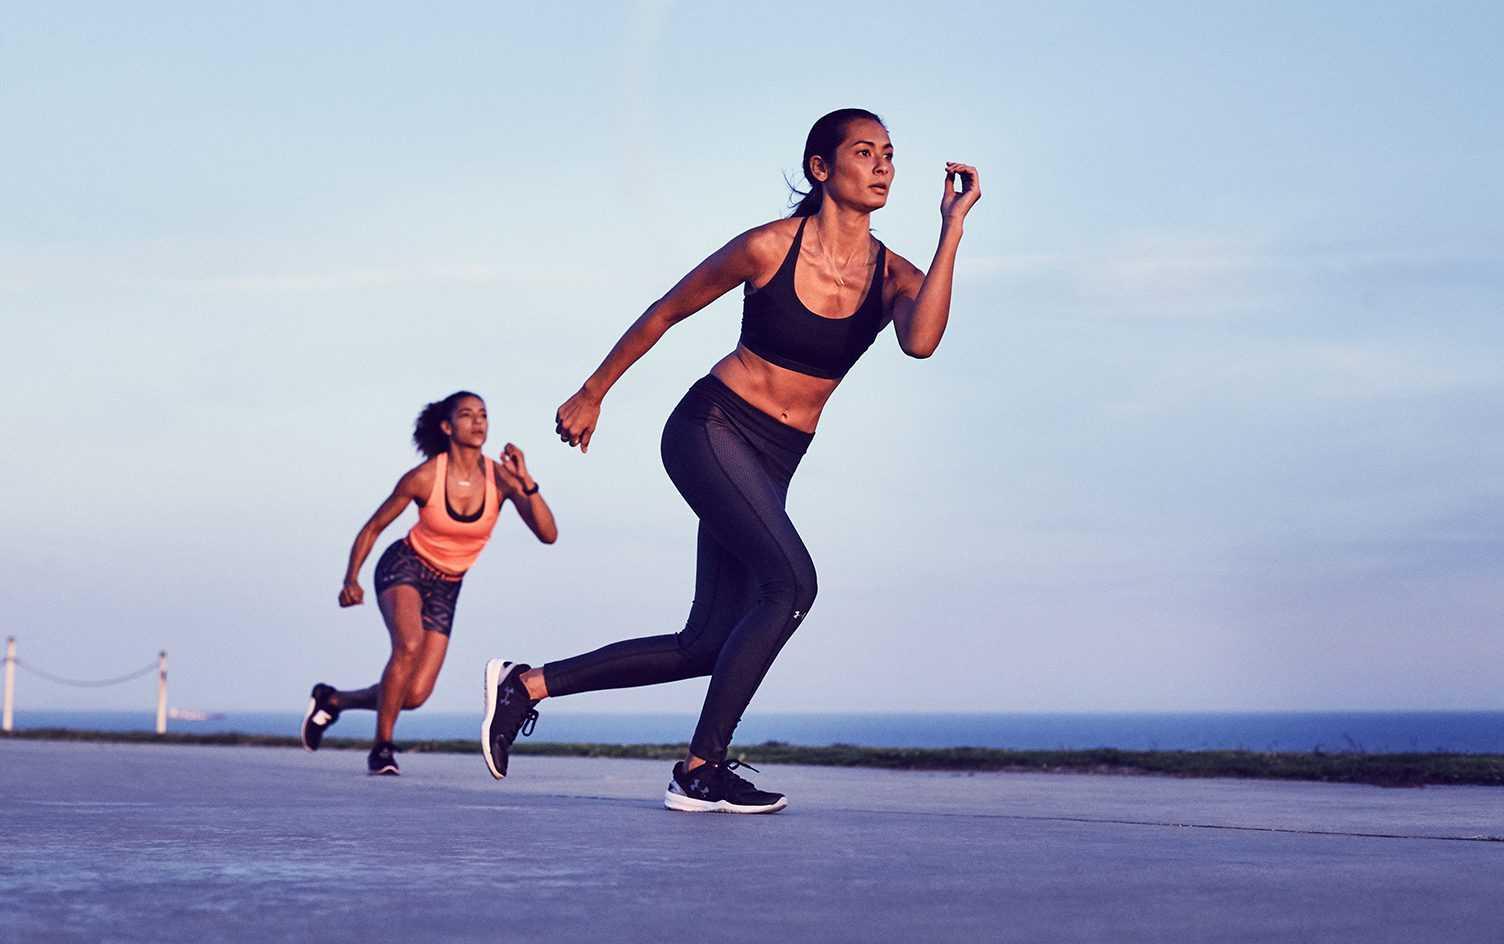 Интервальная тренировка для сжигания жира и похудения дома - виды, упражнения с видео и результаты